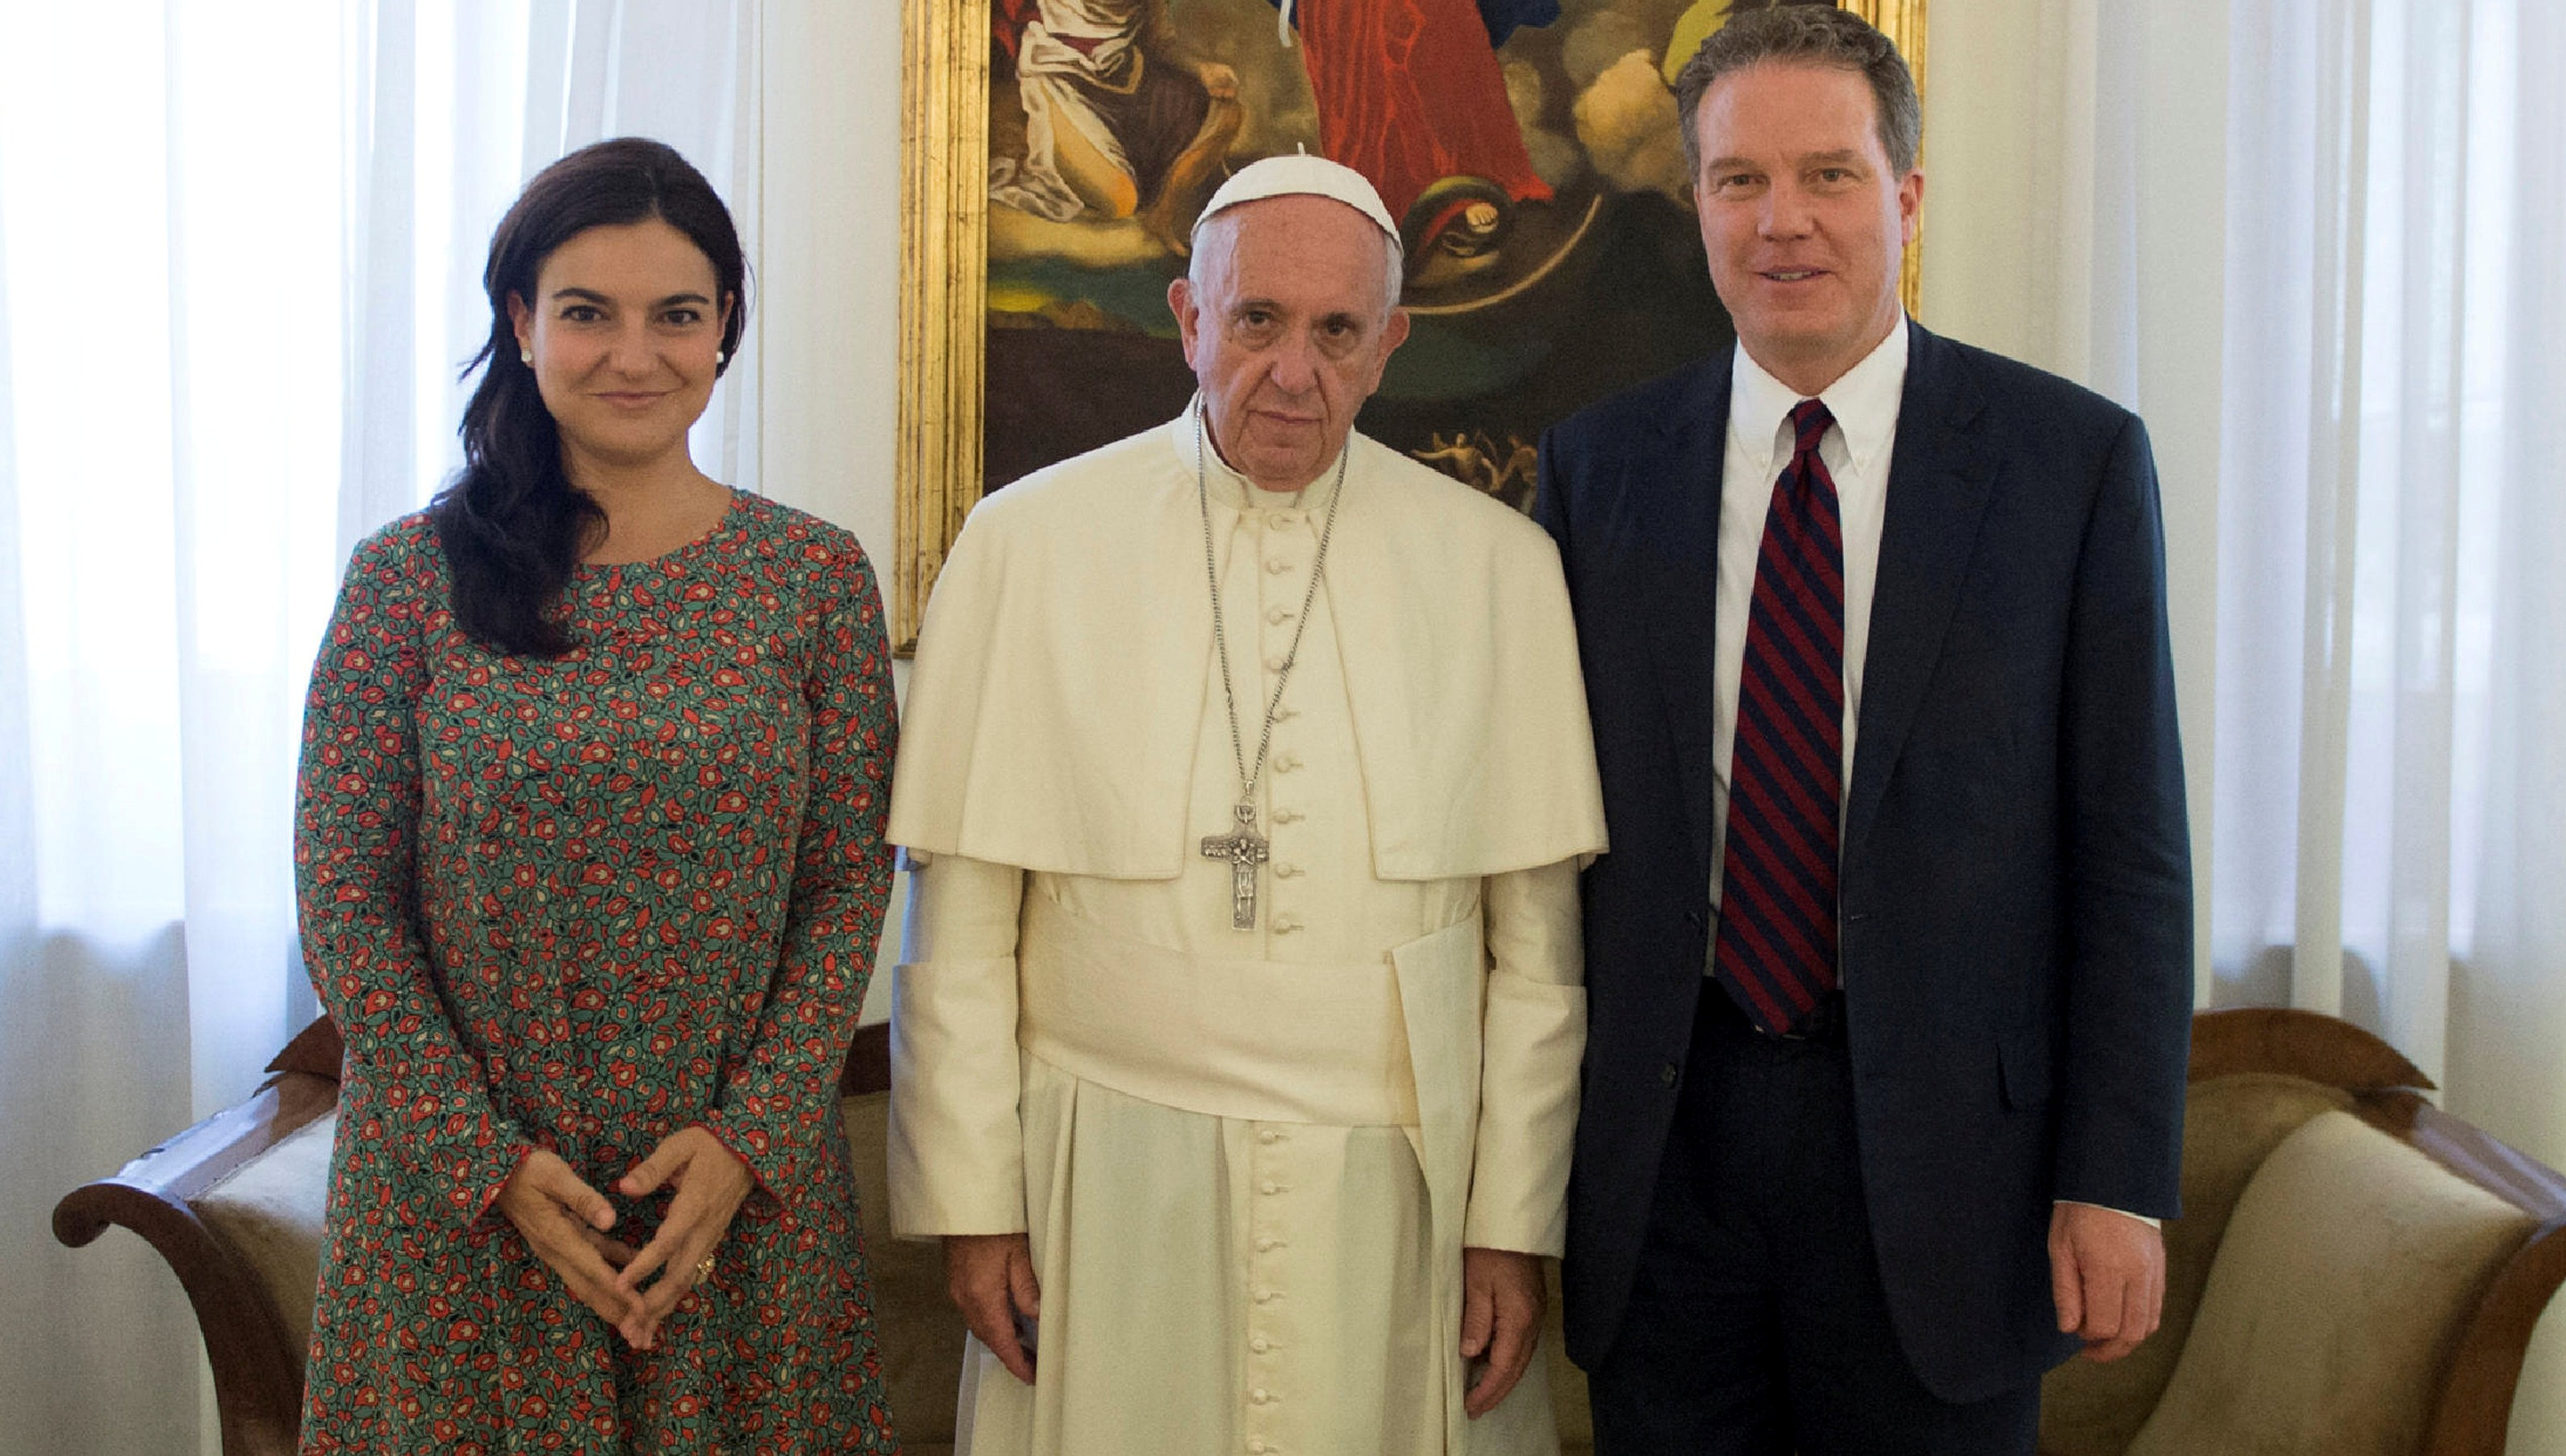 El papa Francisco, junto a Paloma Garcia Ovejero y Greg Burke (Reuters)